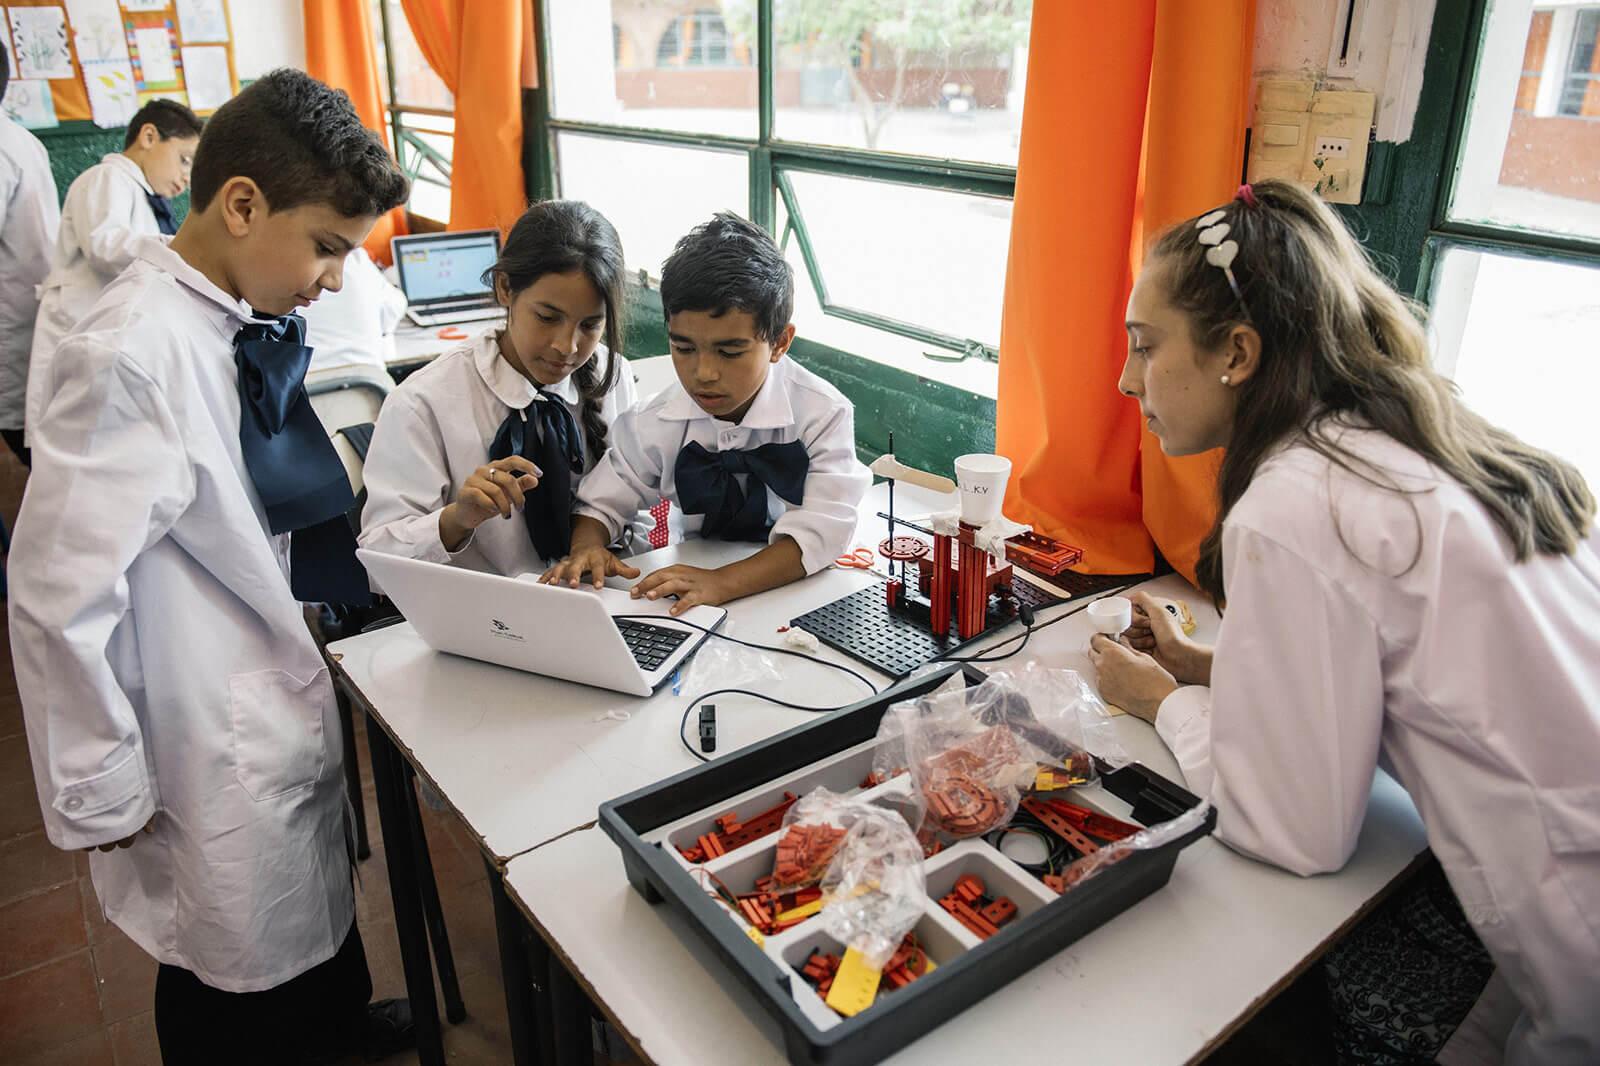 Educación en Uruguay: características, cifras y otros detalles a tener en cuenta